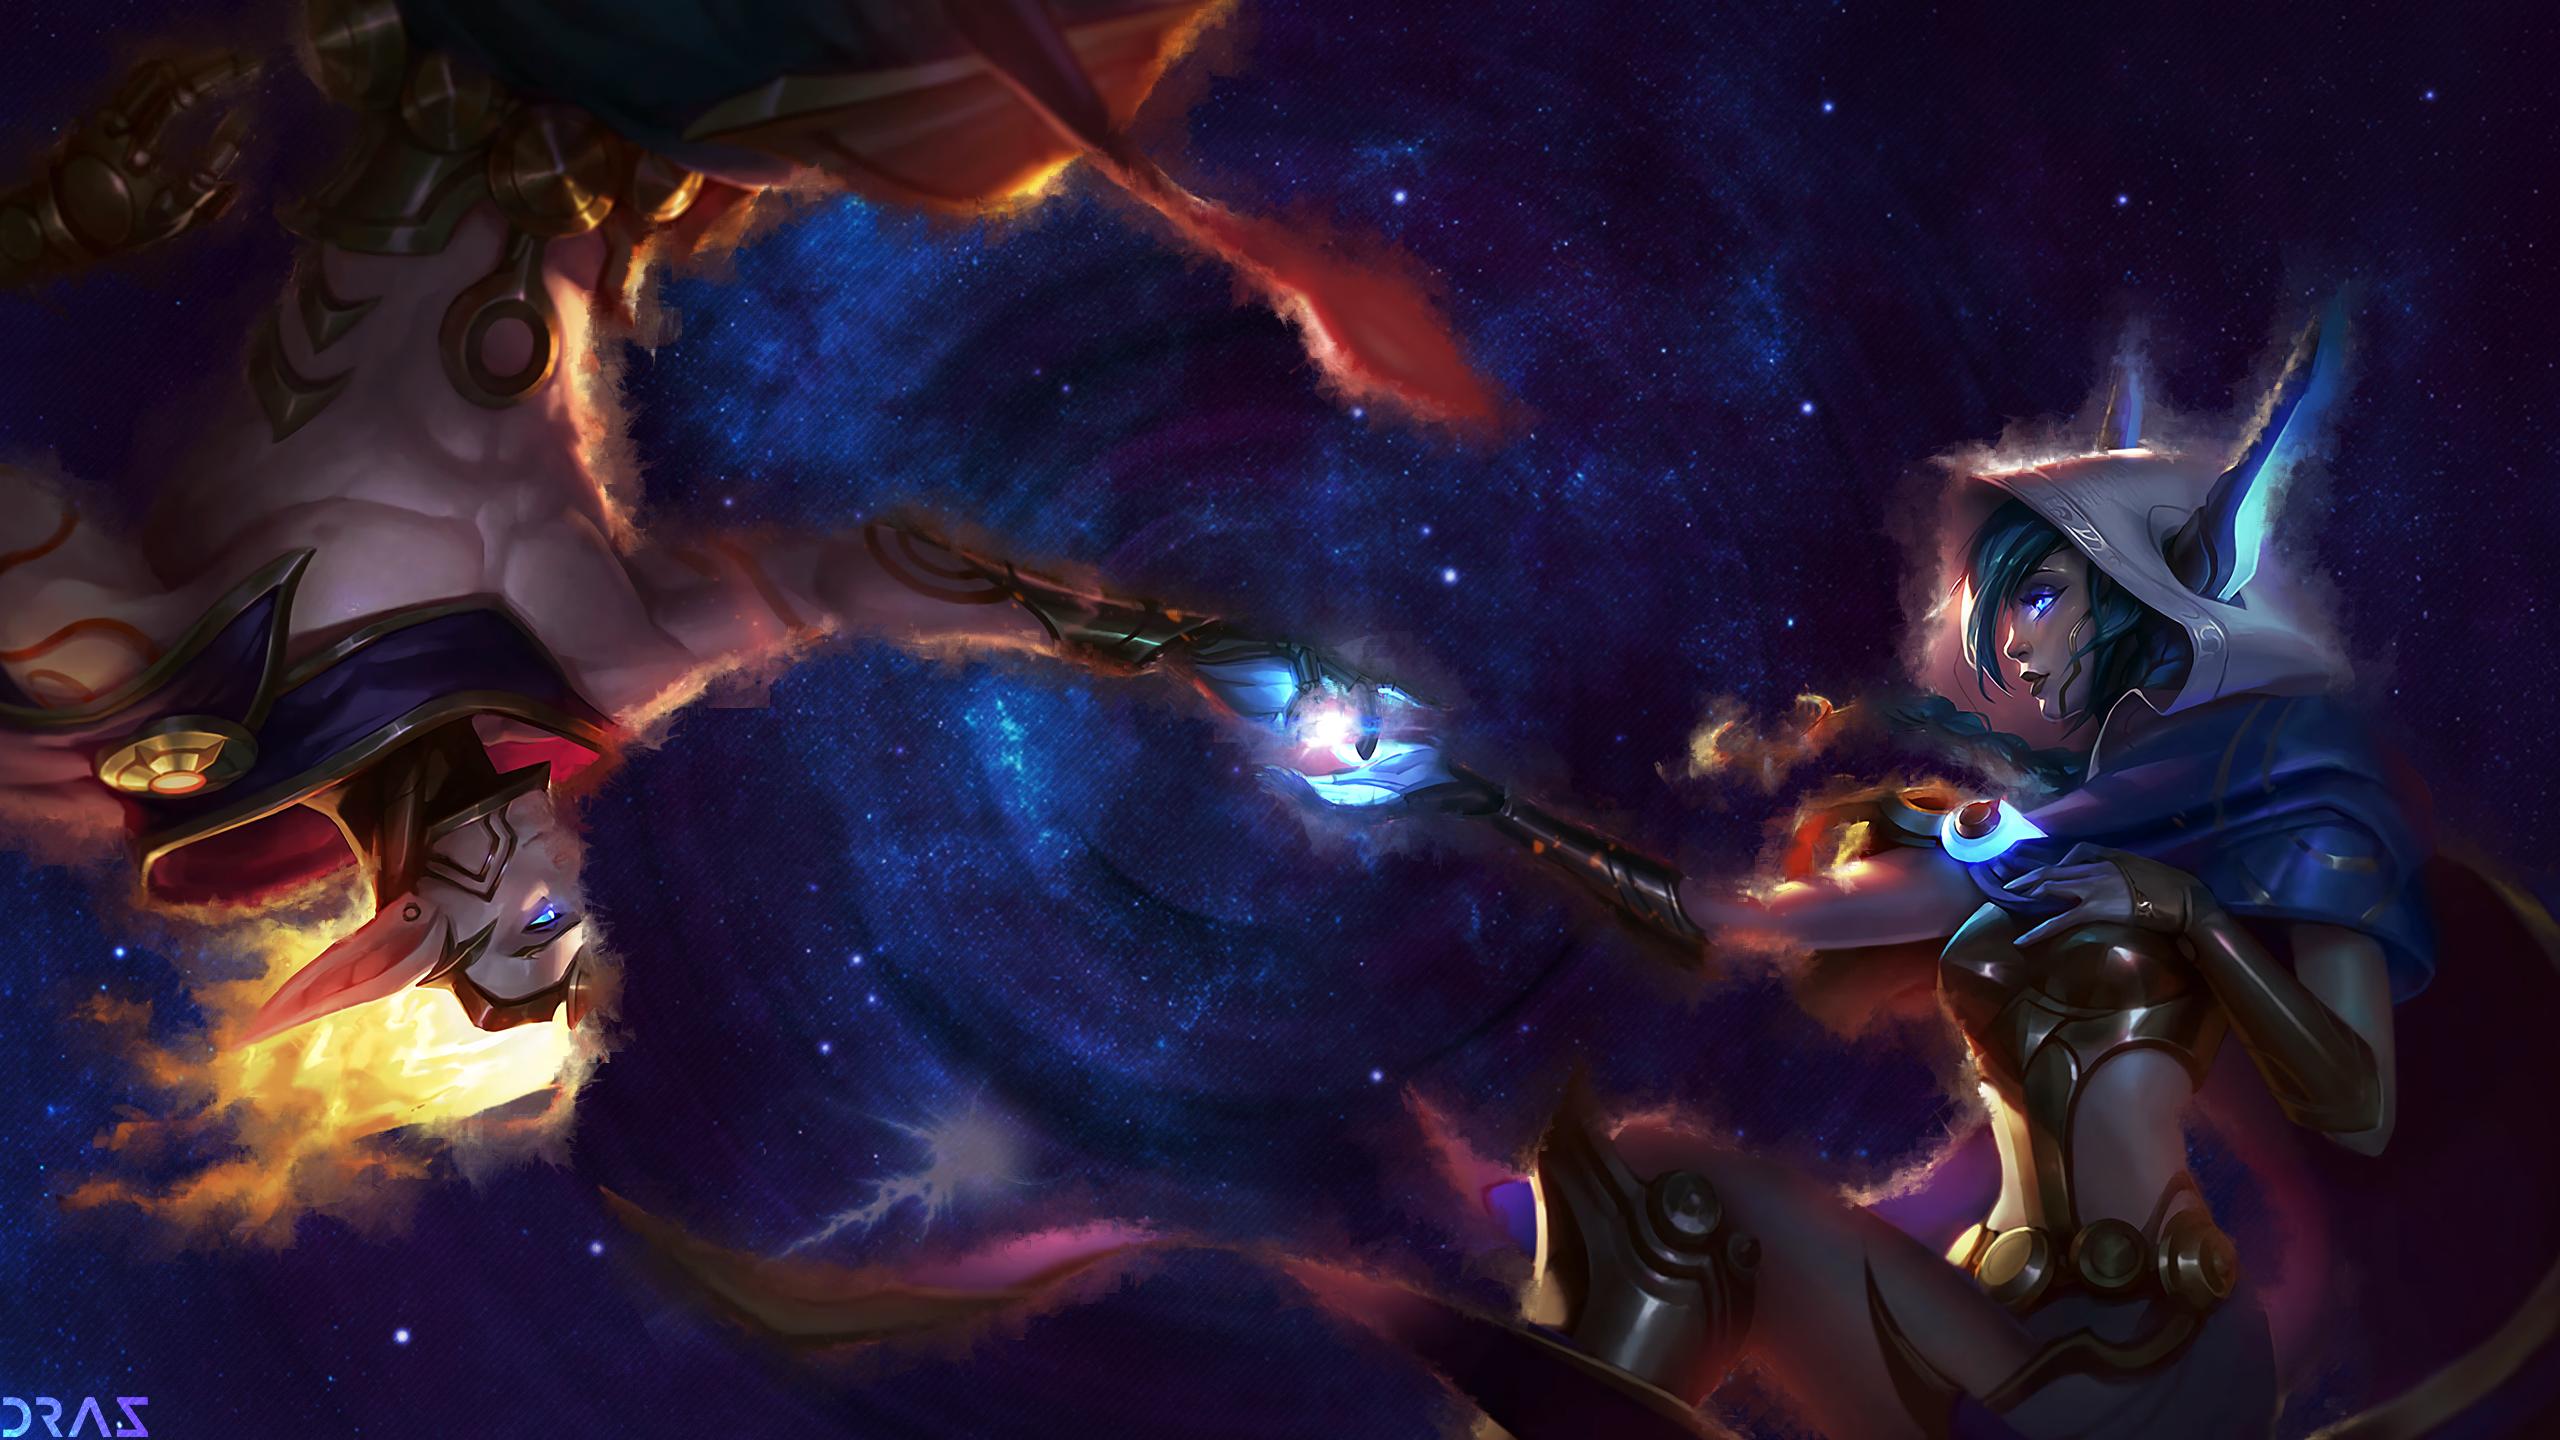 cosmic xayah & rakan - lolwallpapers